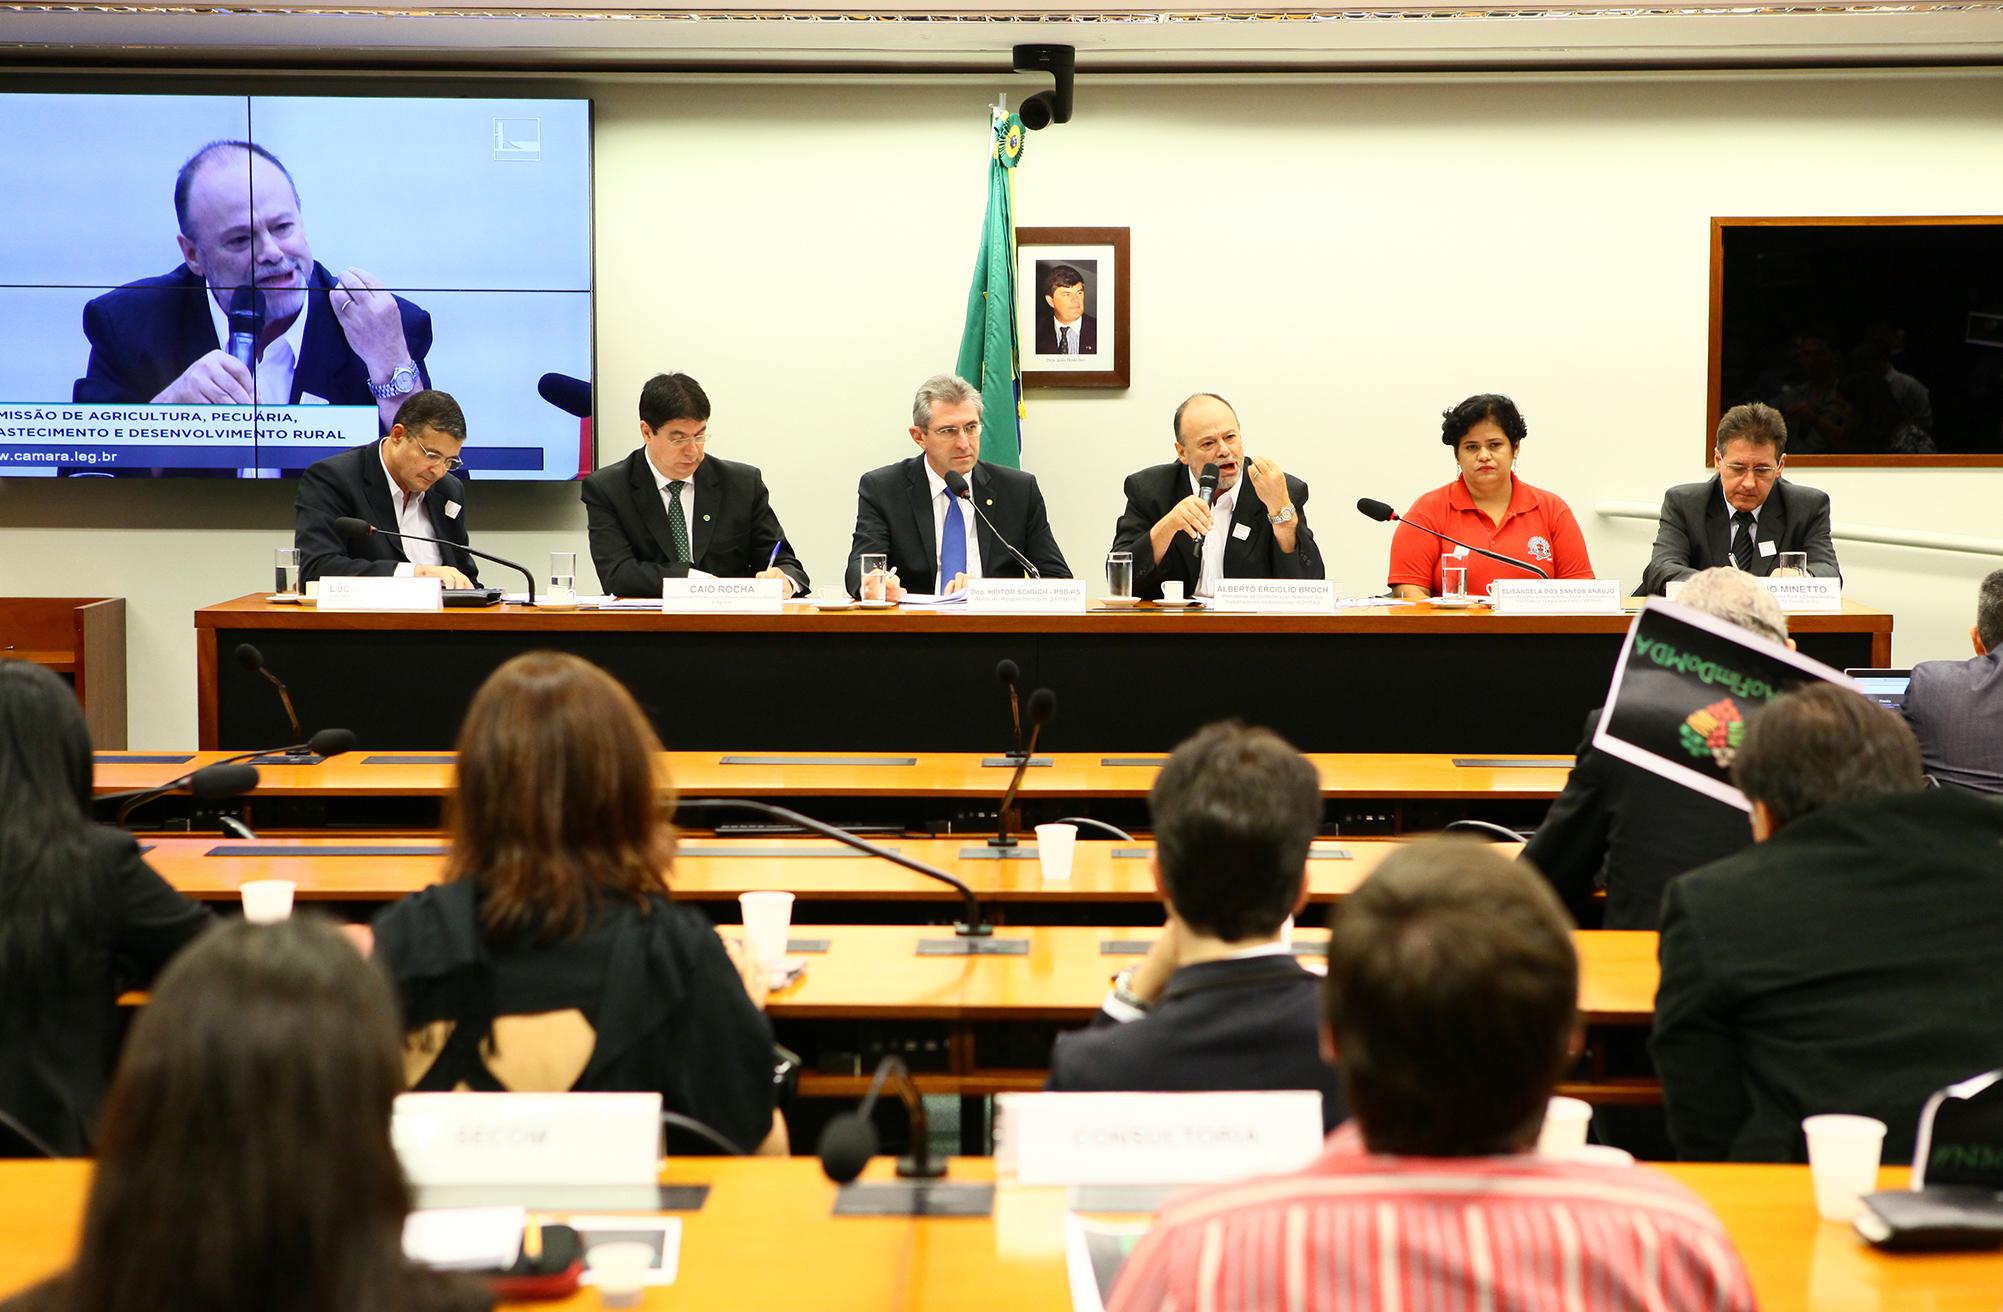 Audiência pública sobre a importância do Ministério do Desenvolvimento Agrário (MDA) na valorização da agricultura familiar